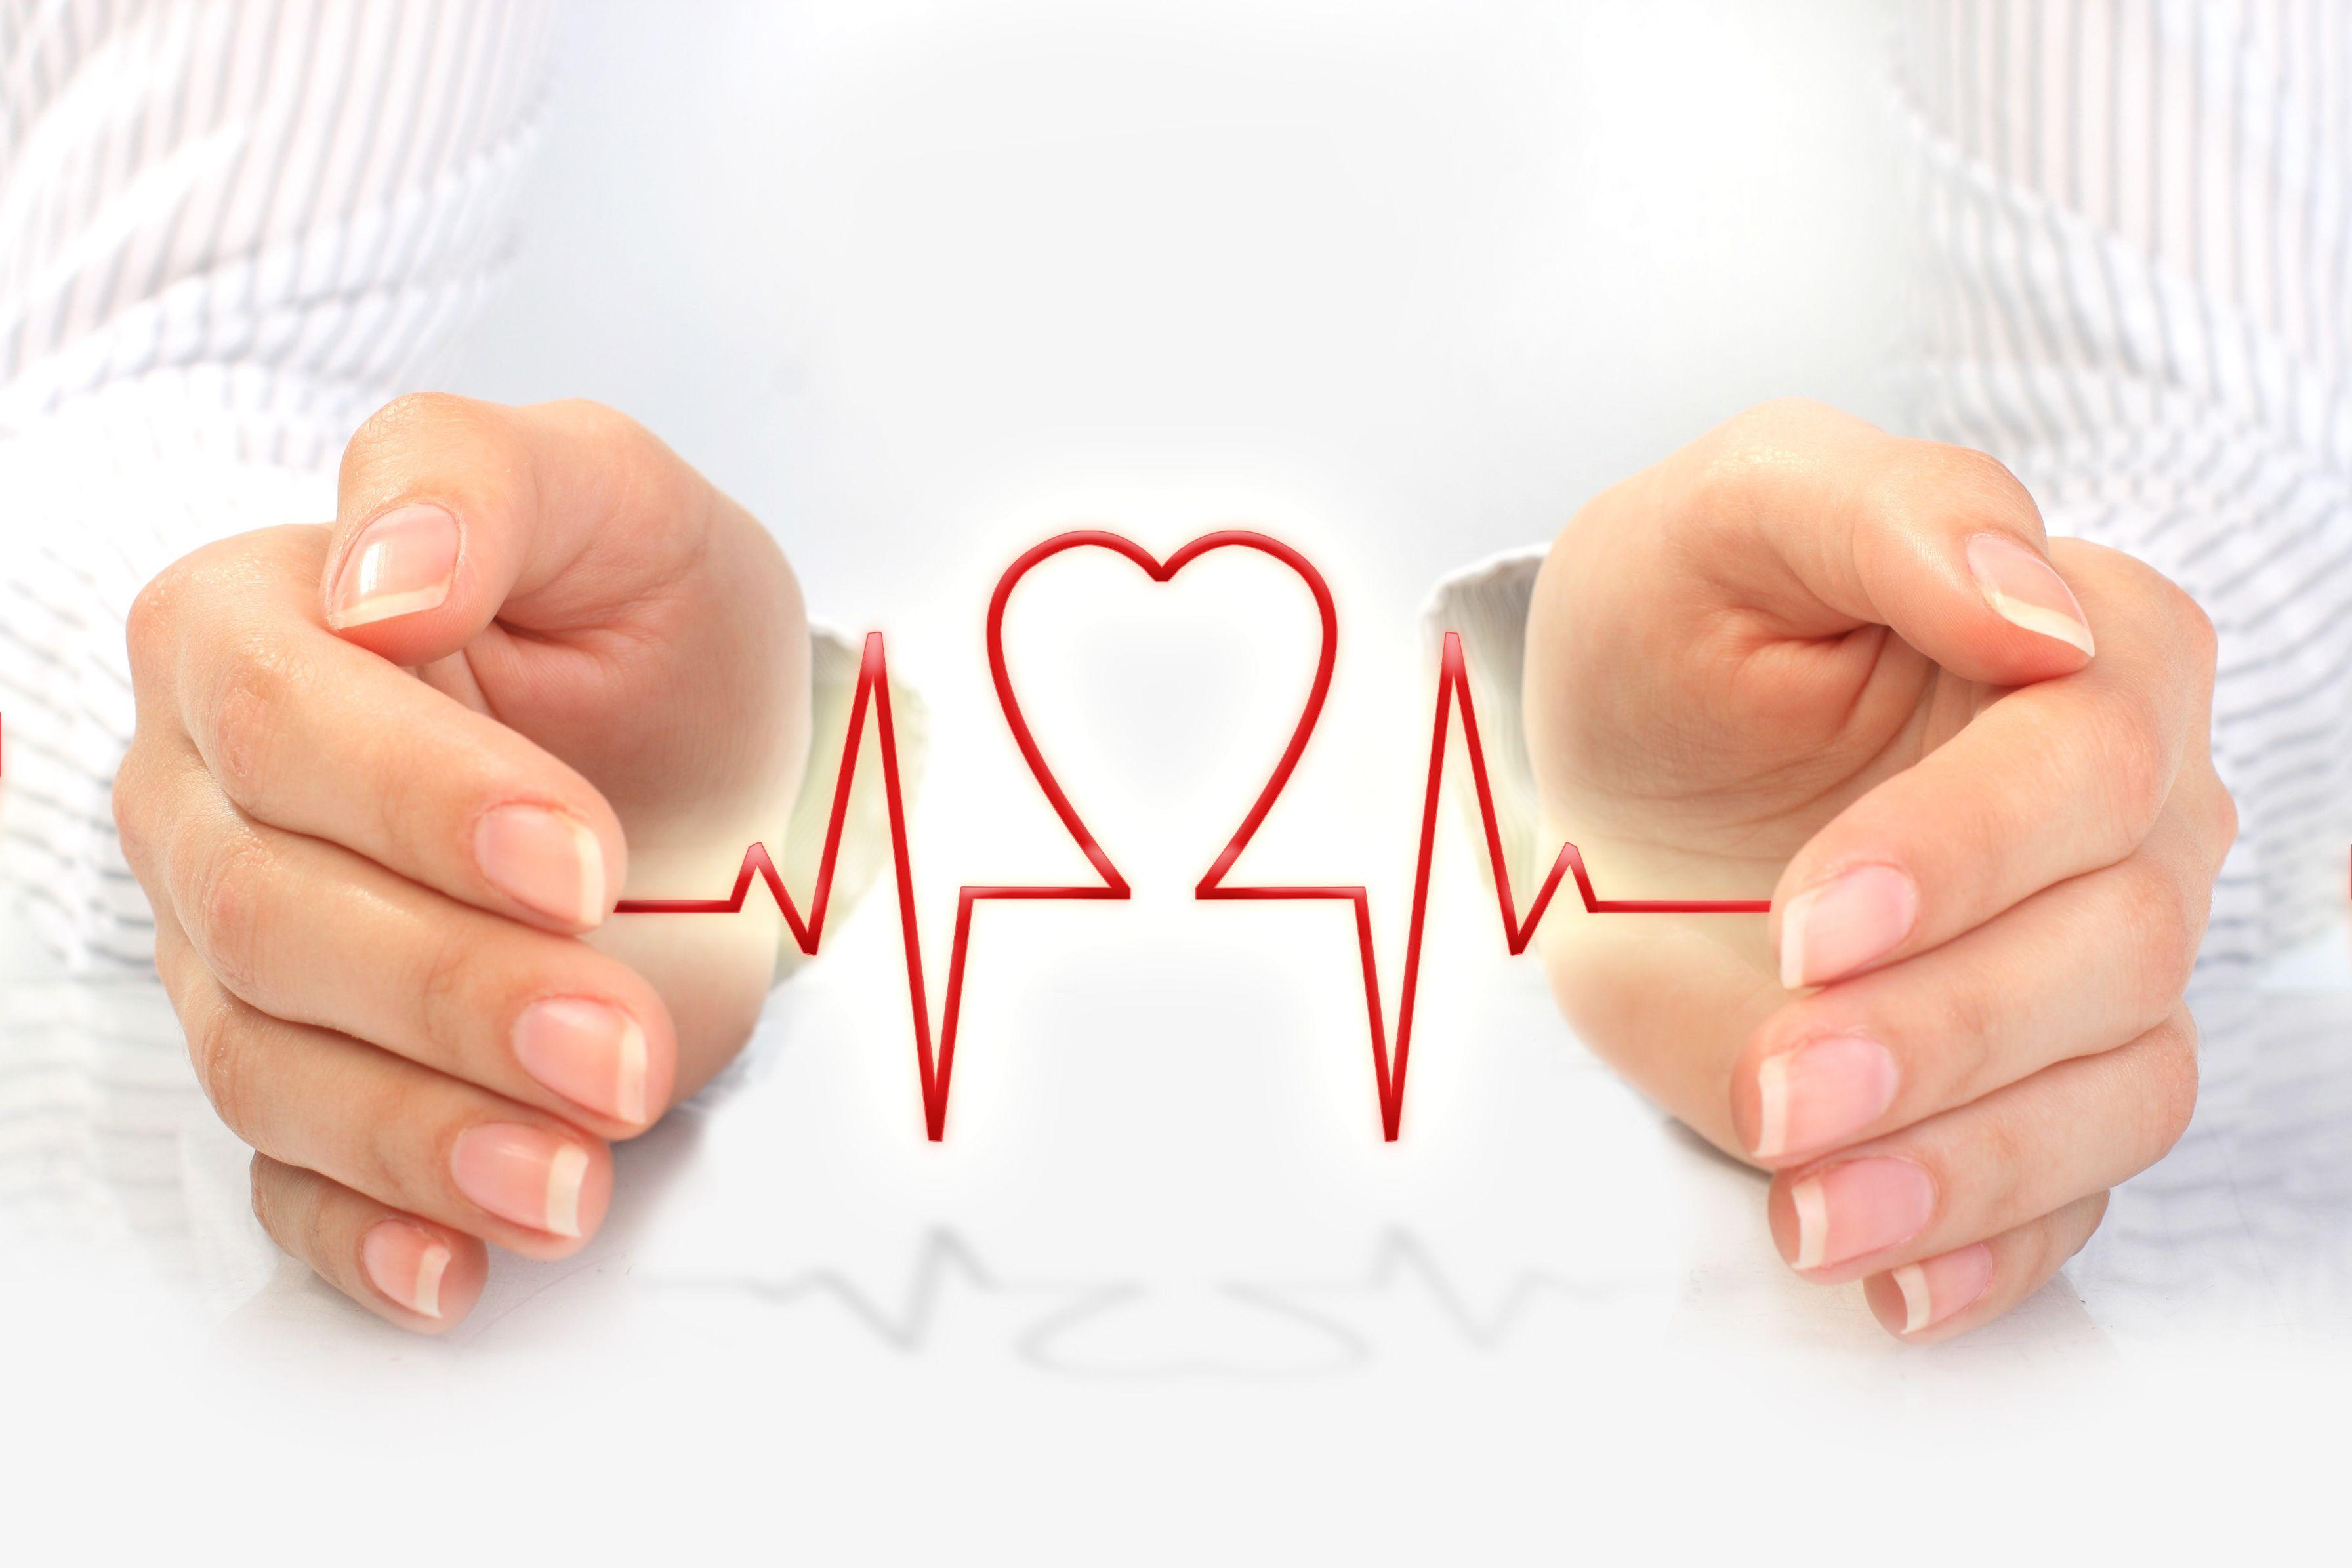 magas vérnyomás és szaunák magas vérnyomás cukorbetegség fogyatékosság